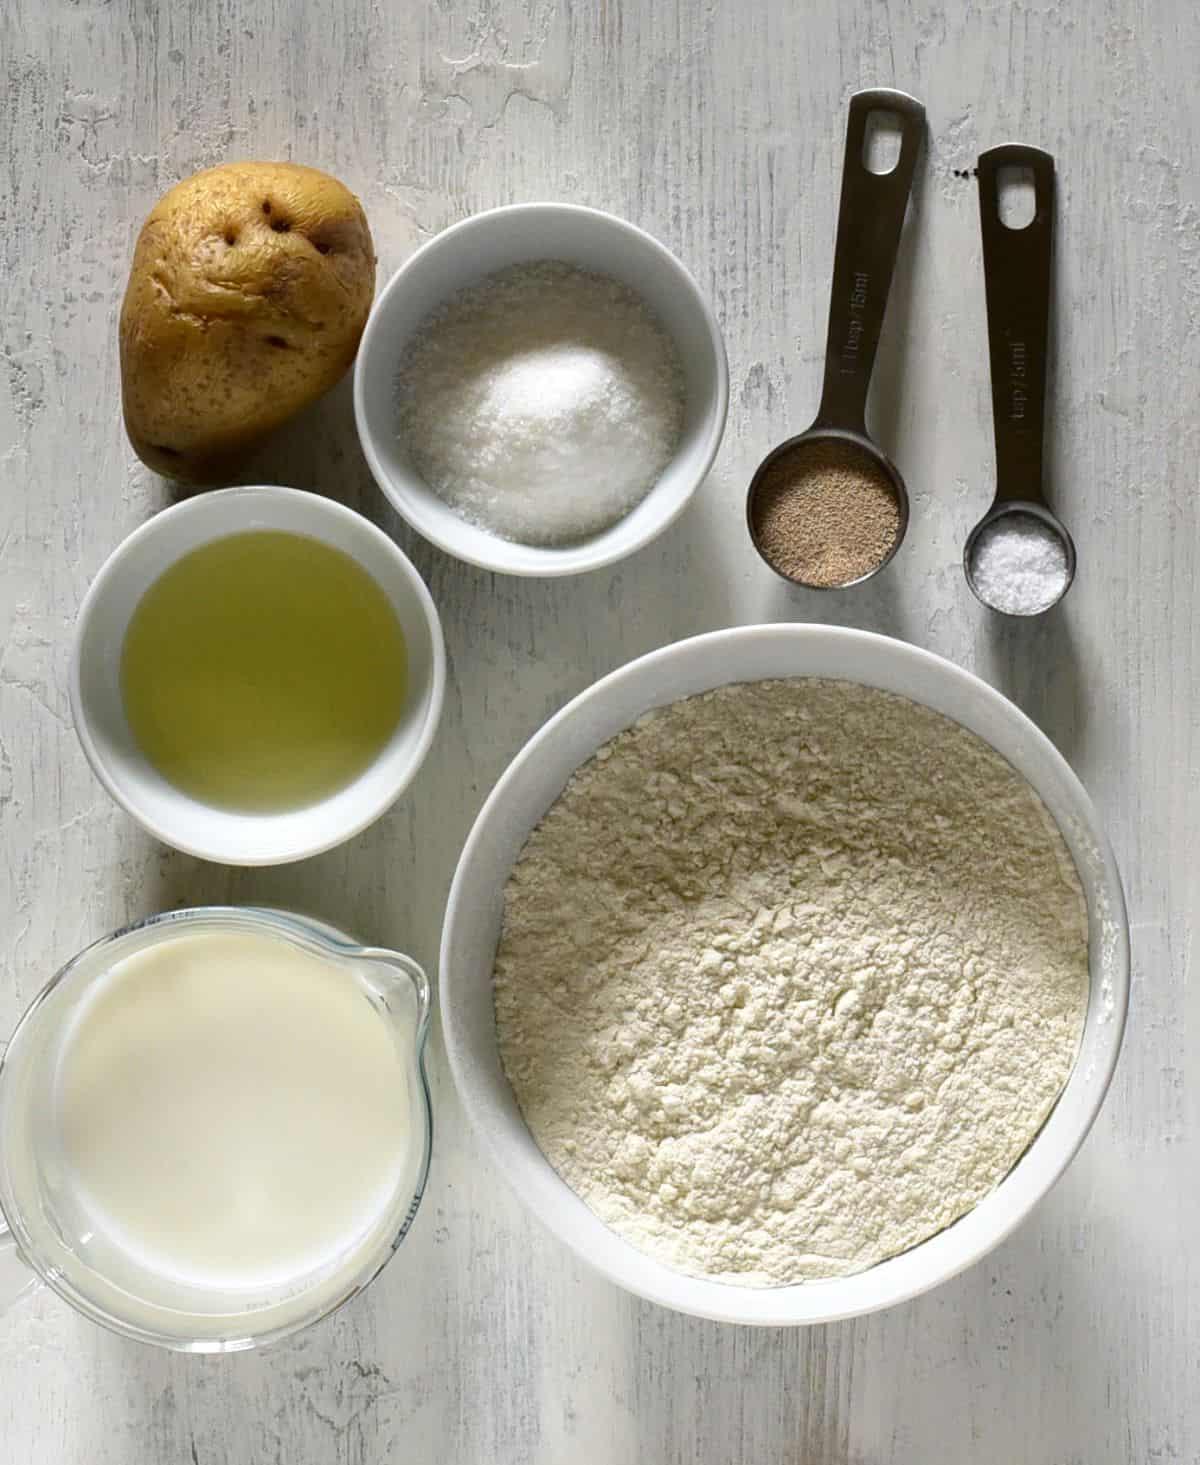 langos ingredients